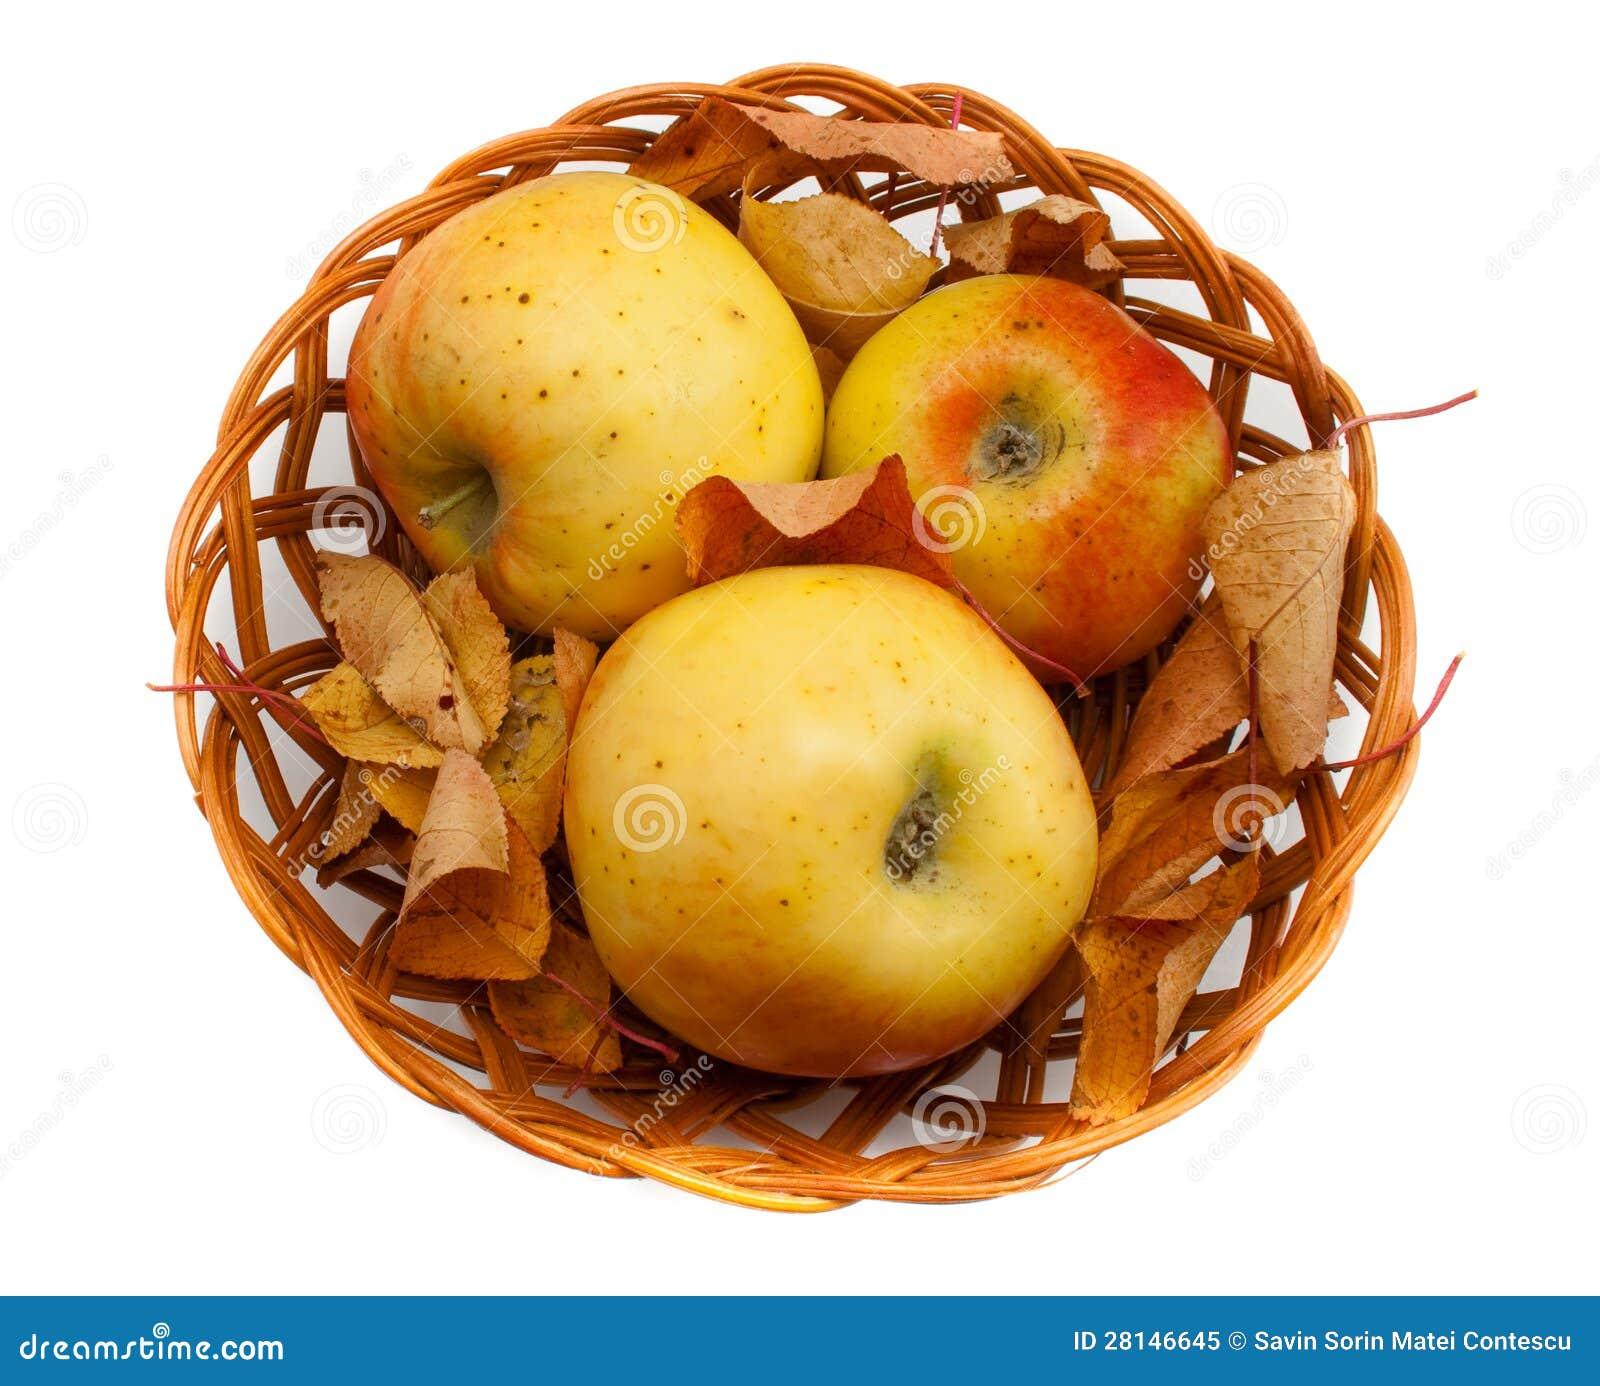 3 pommes dans un panier pommes dans un panier pommes dans un panier images libres de droits. Black Bedroom Furniture Sets. Home Design Ideas